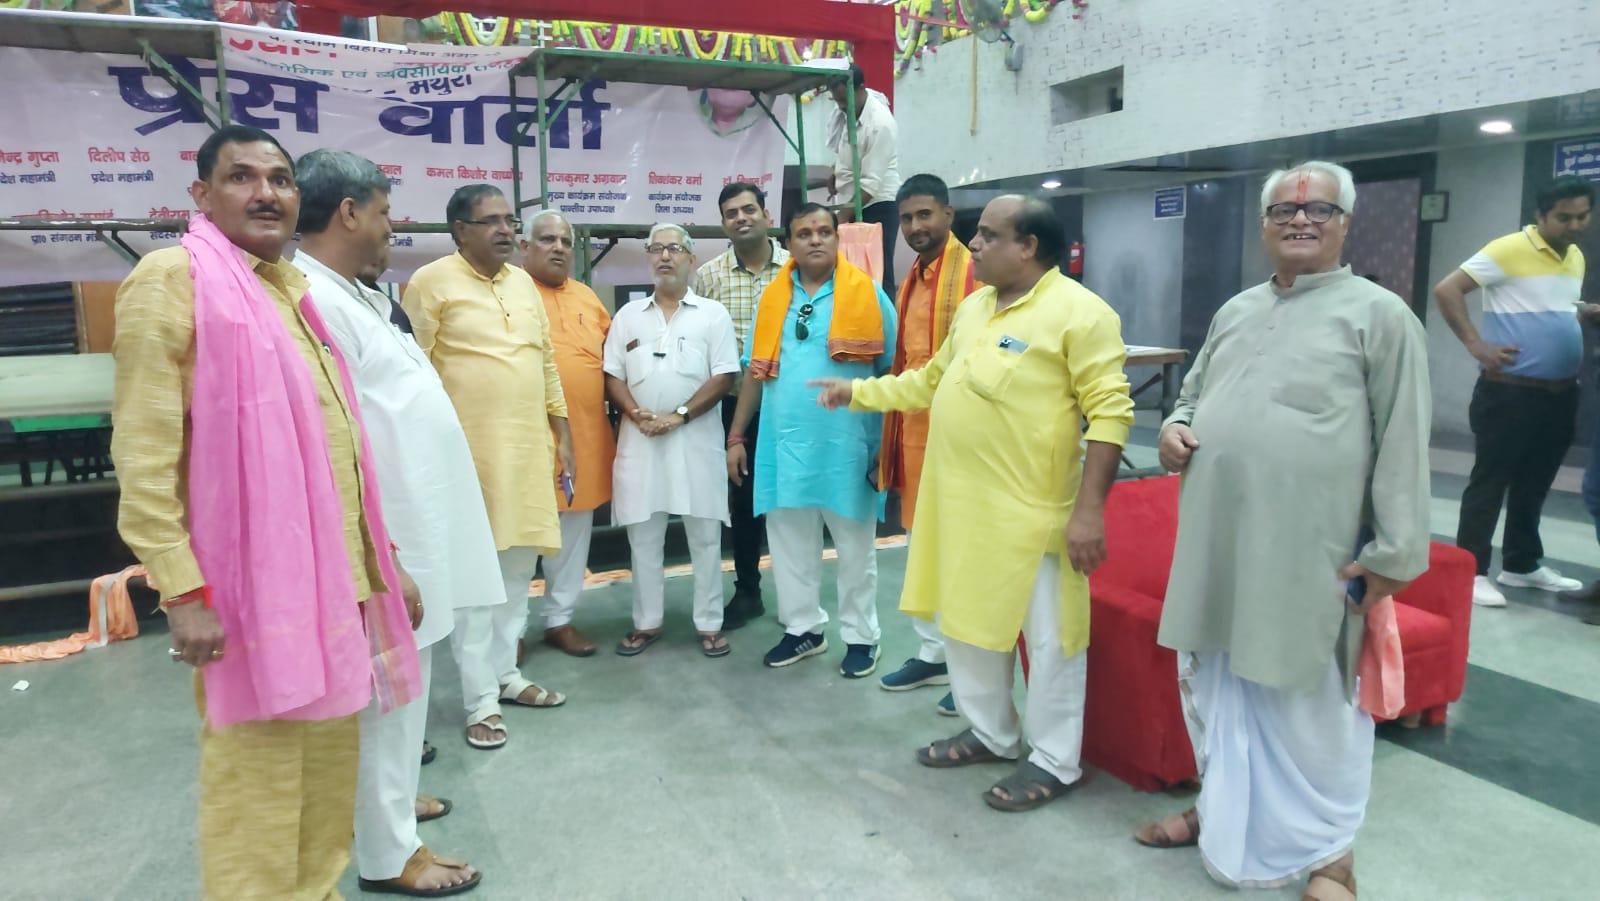 उत्तर प्रदेश उद्योग व्यापार मंडल के त्रिवार्षिक चुनाव की तैयारीयों का जायजा लेते व्यापार मंडल पदाधिकारी - Dainik Bhaskar